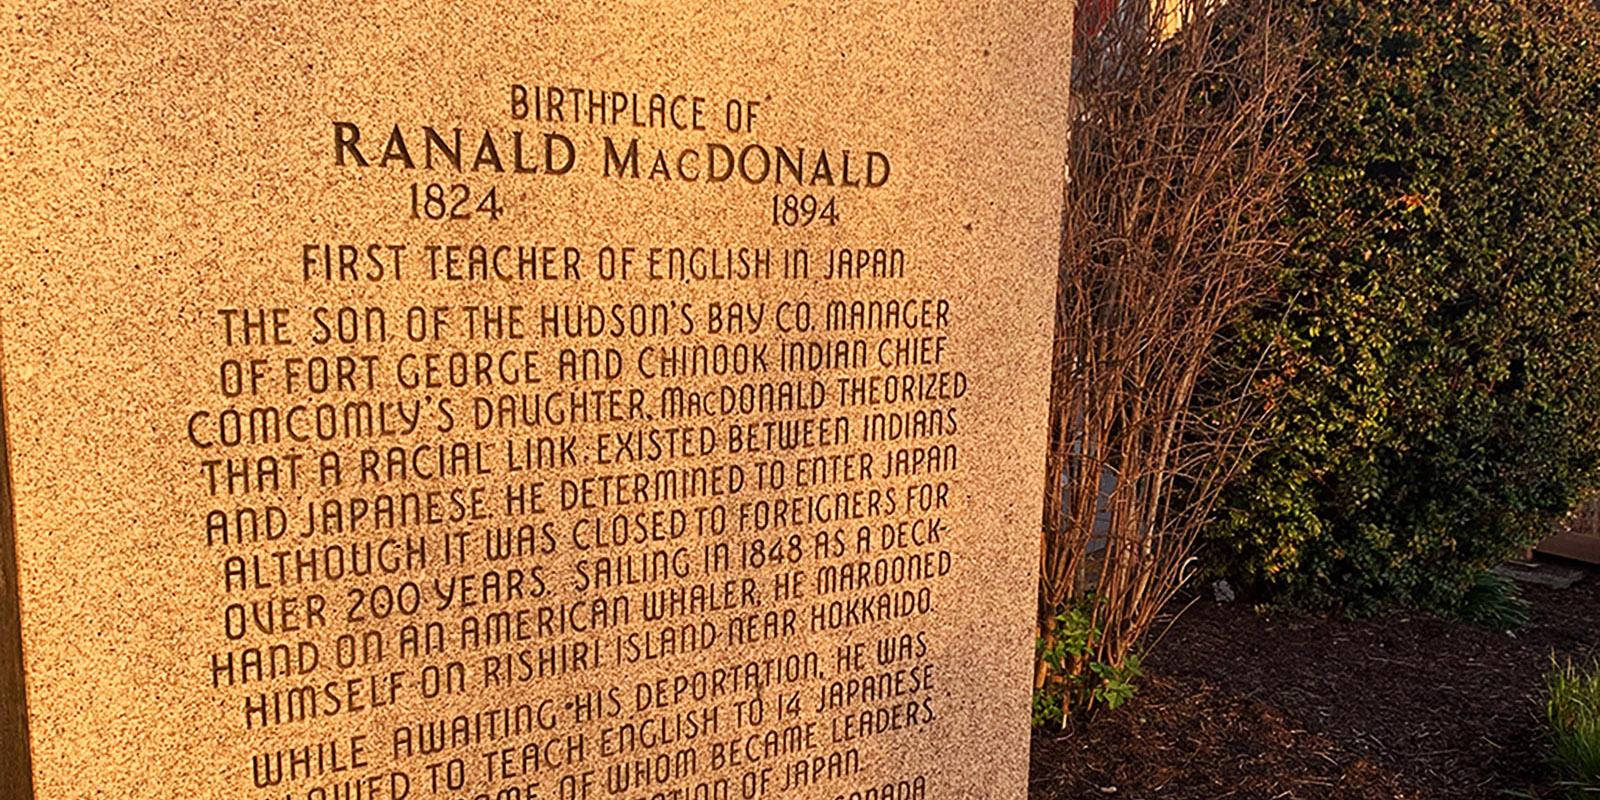 Ranald McDonald Event websize